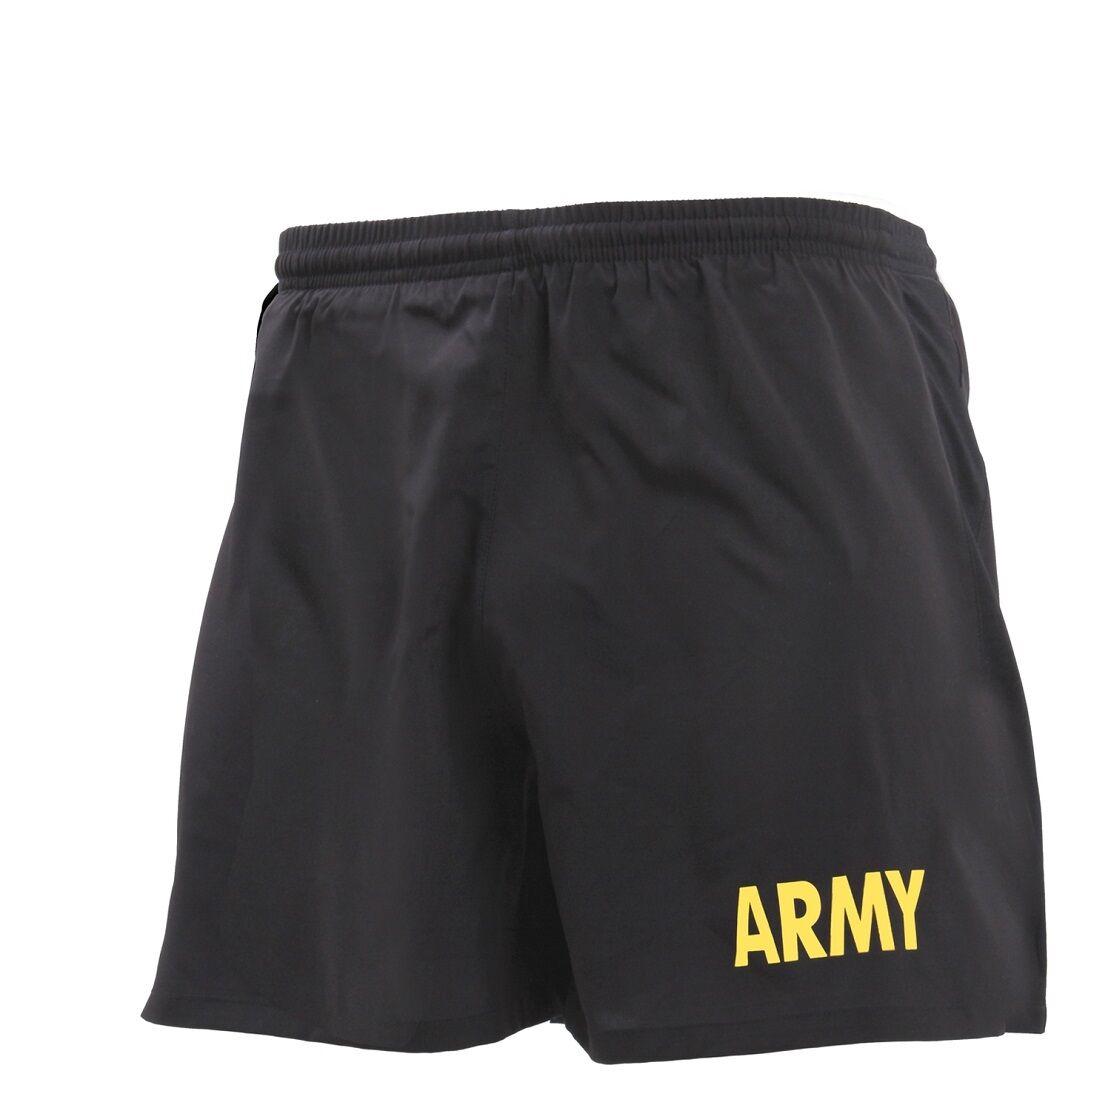 US Army APFU Physical Training PT Training Shorts Shorts